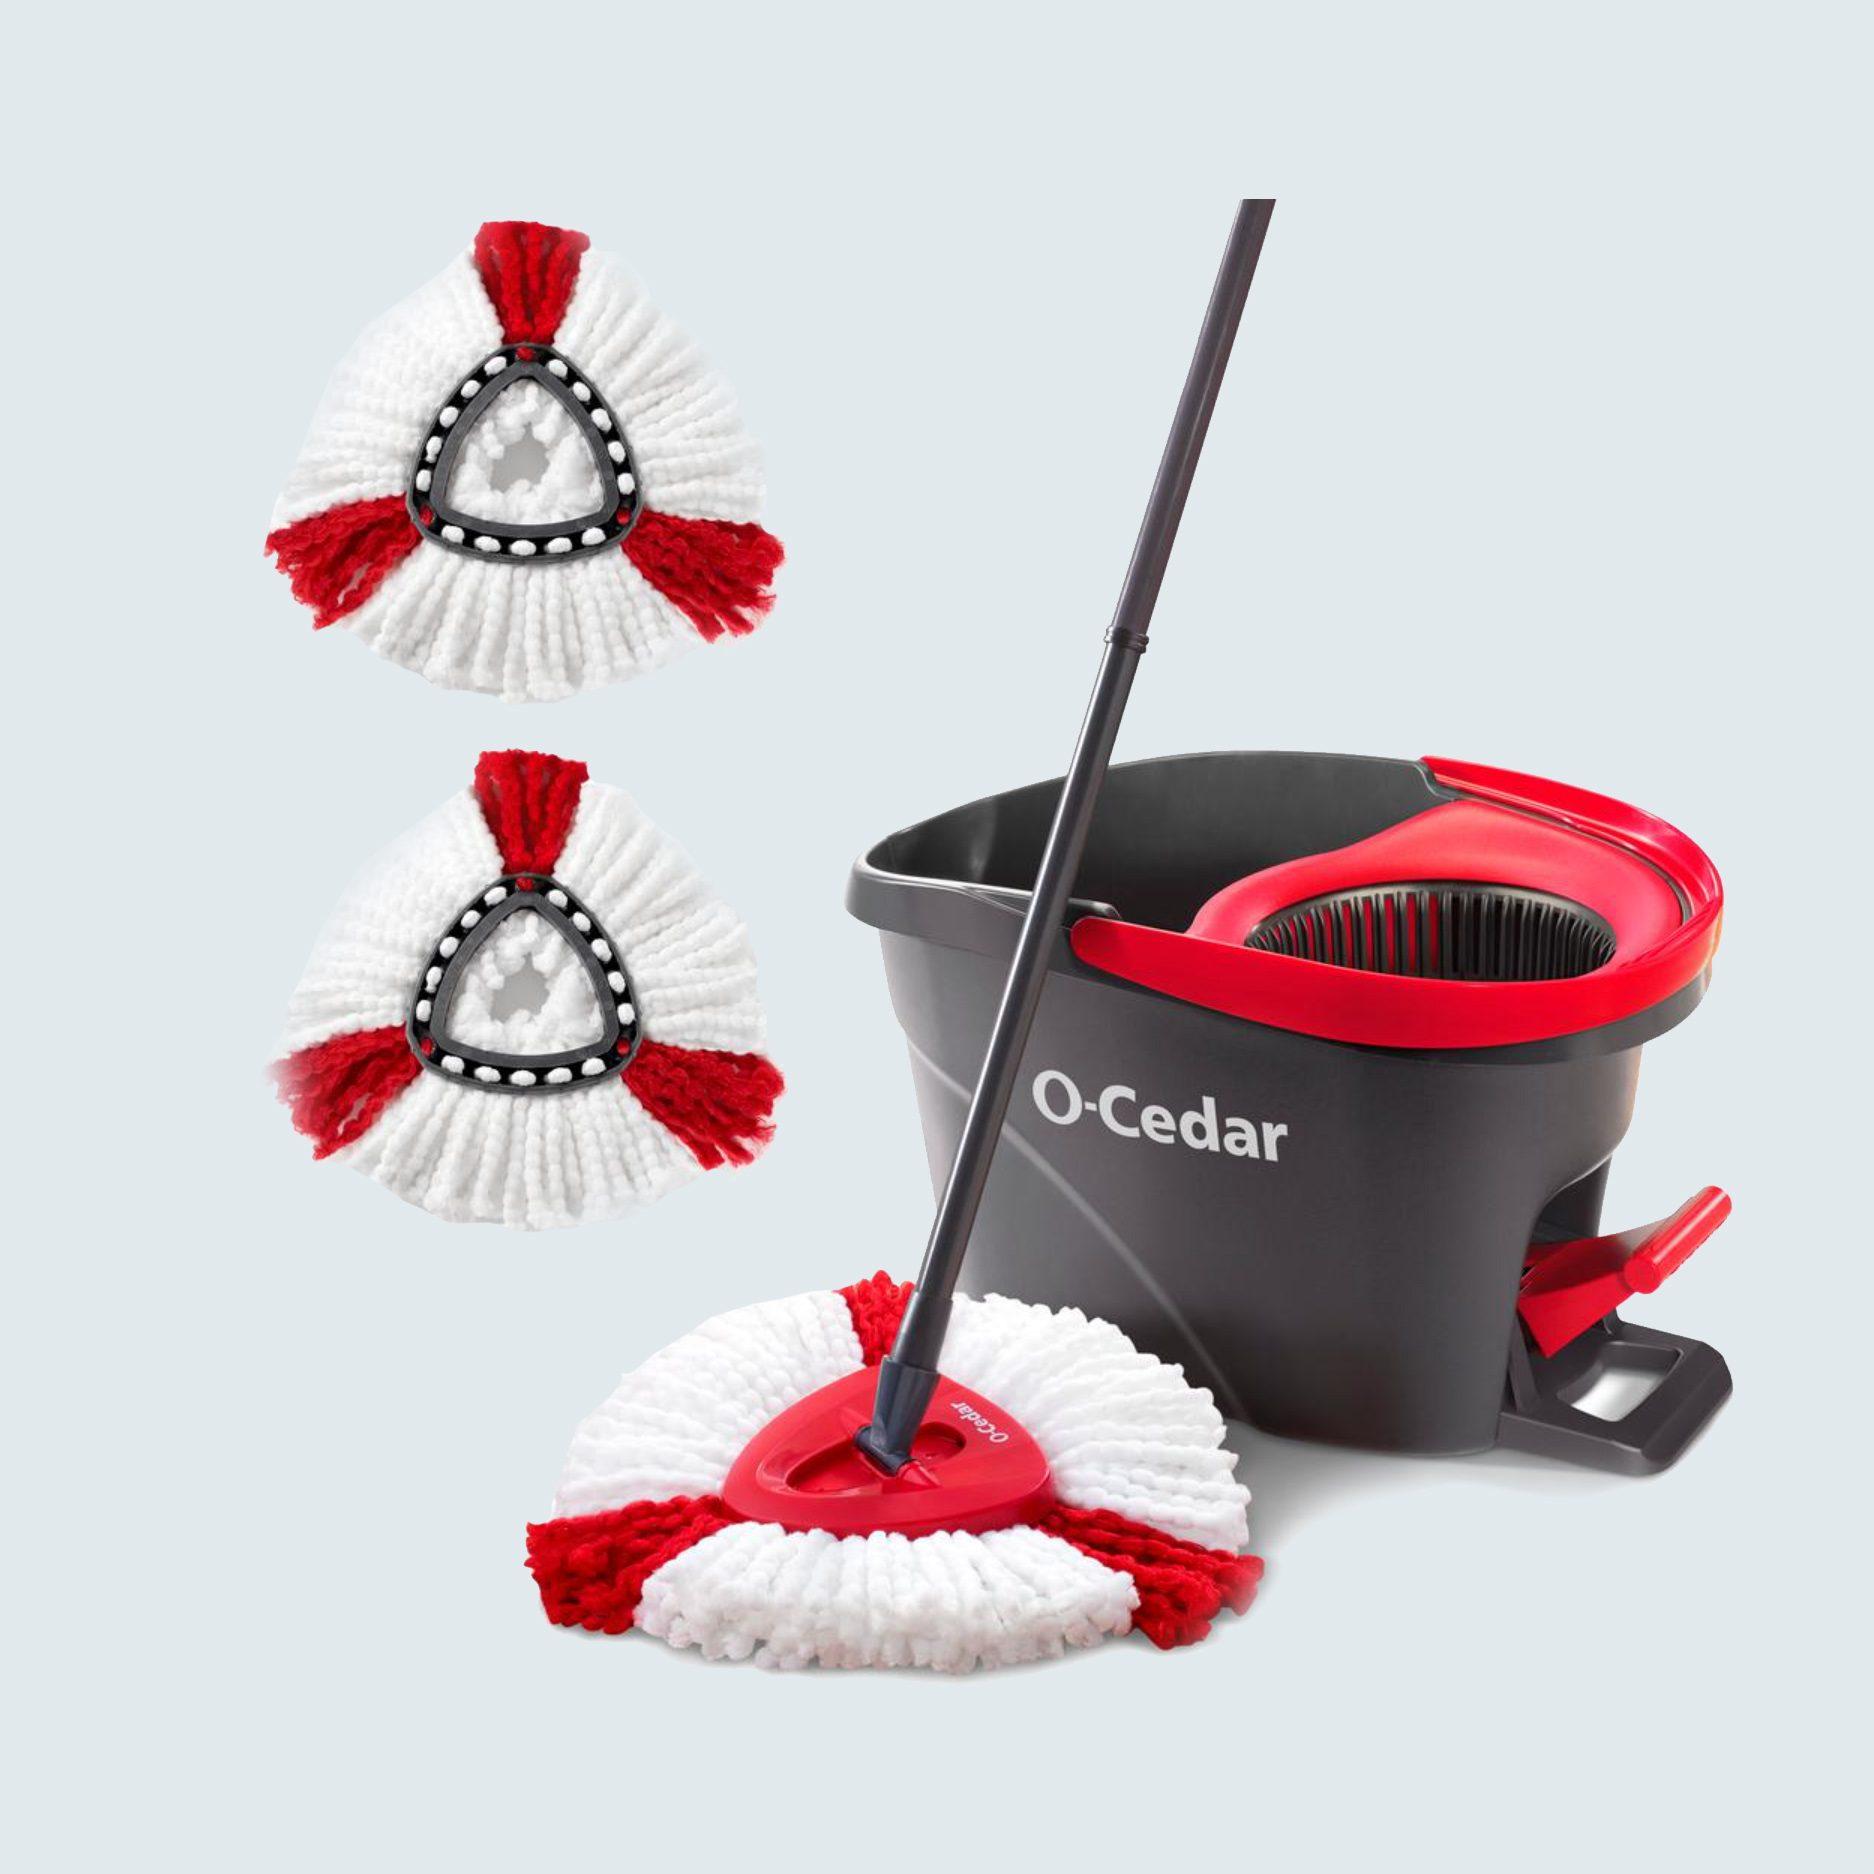 O-Cedar Microfiber Spin Mop and Bucket